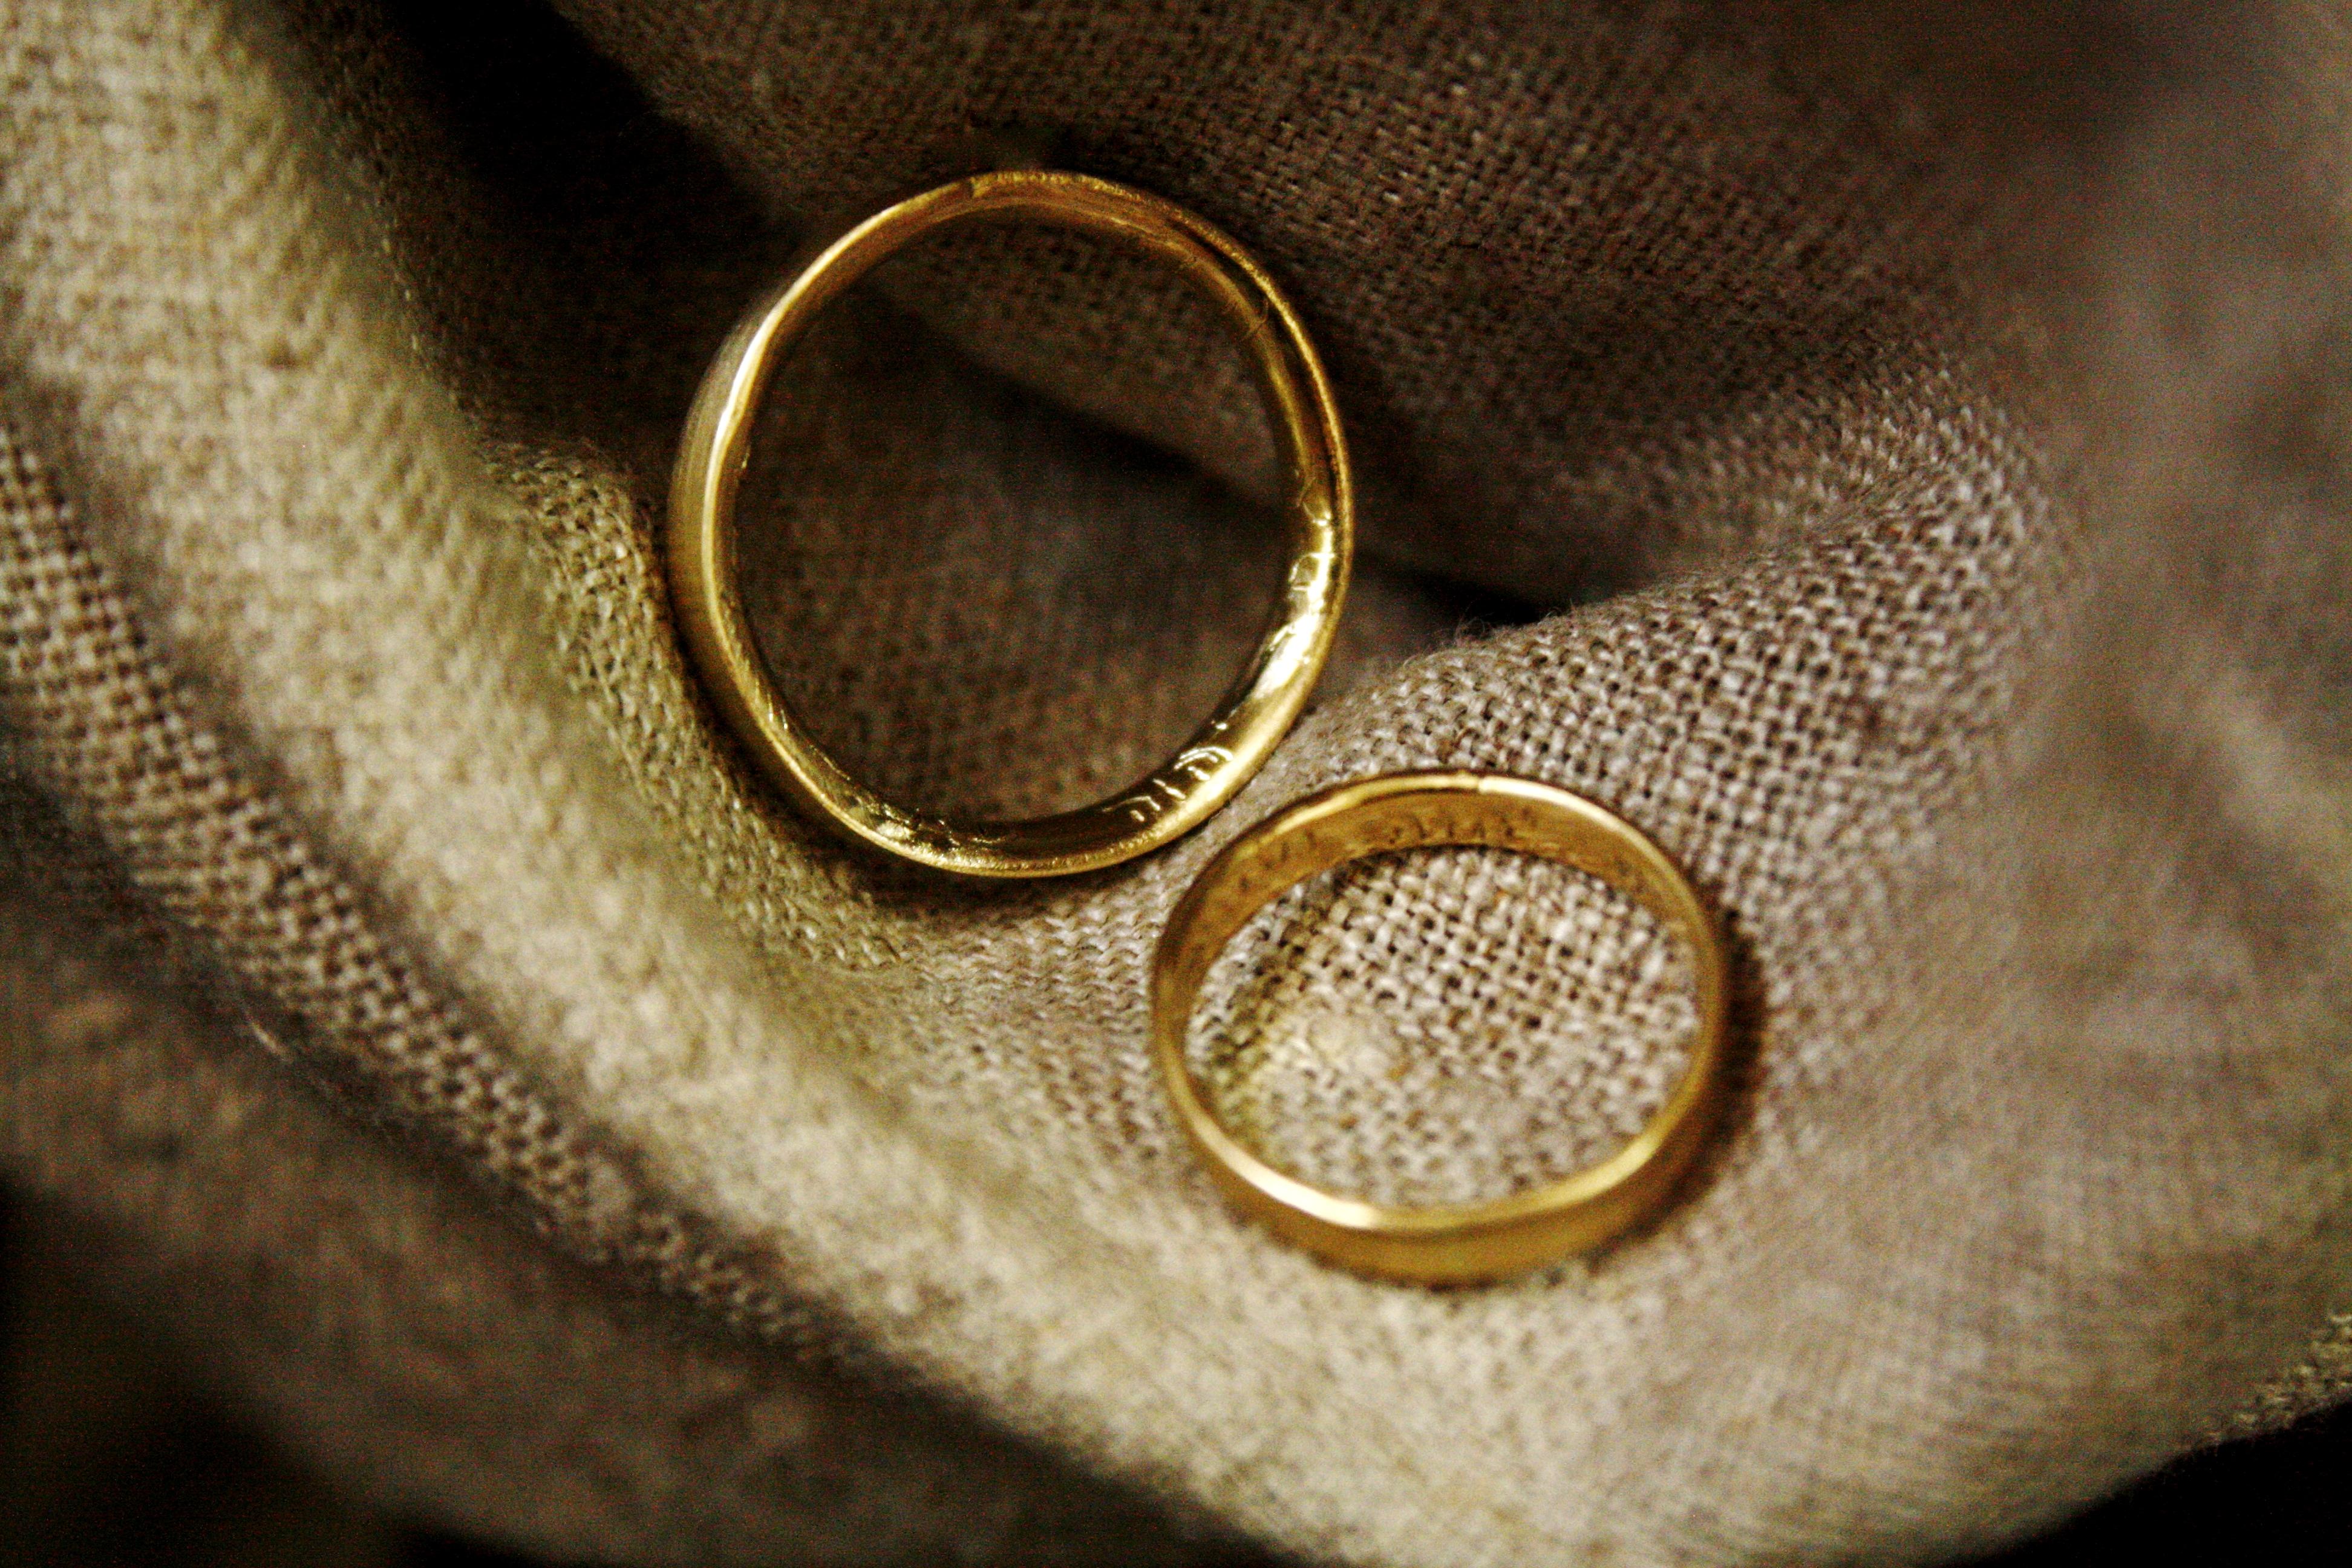 טבעת עדי עד (למטה) וטבעת אור גדול